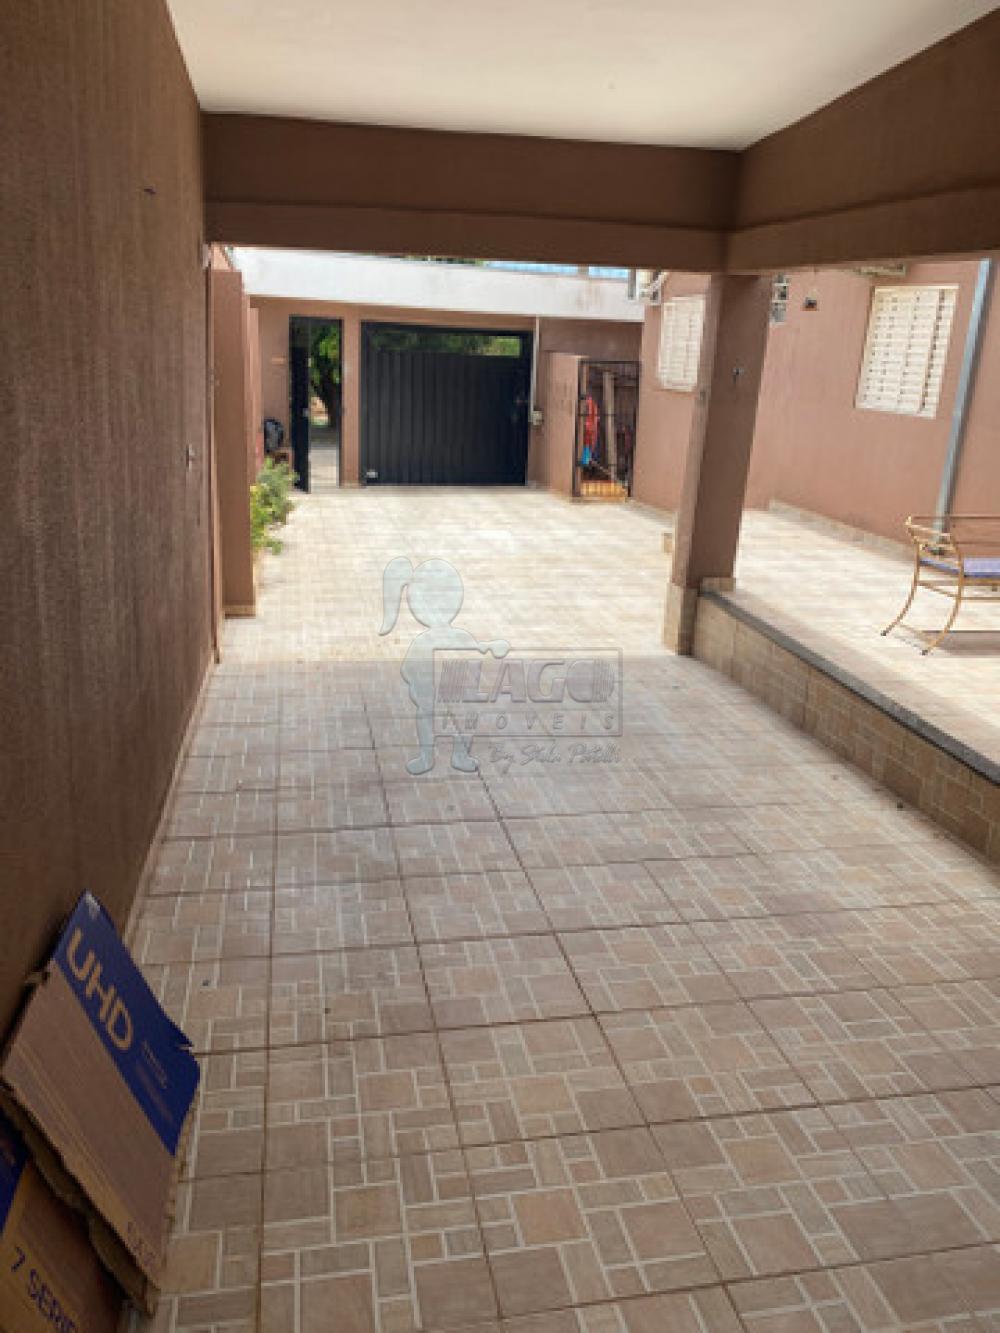 Comprar Casas / Padrão em Ribeirão Preto apenas R$ 415.000,00 - Foto 17